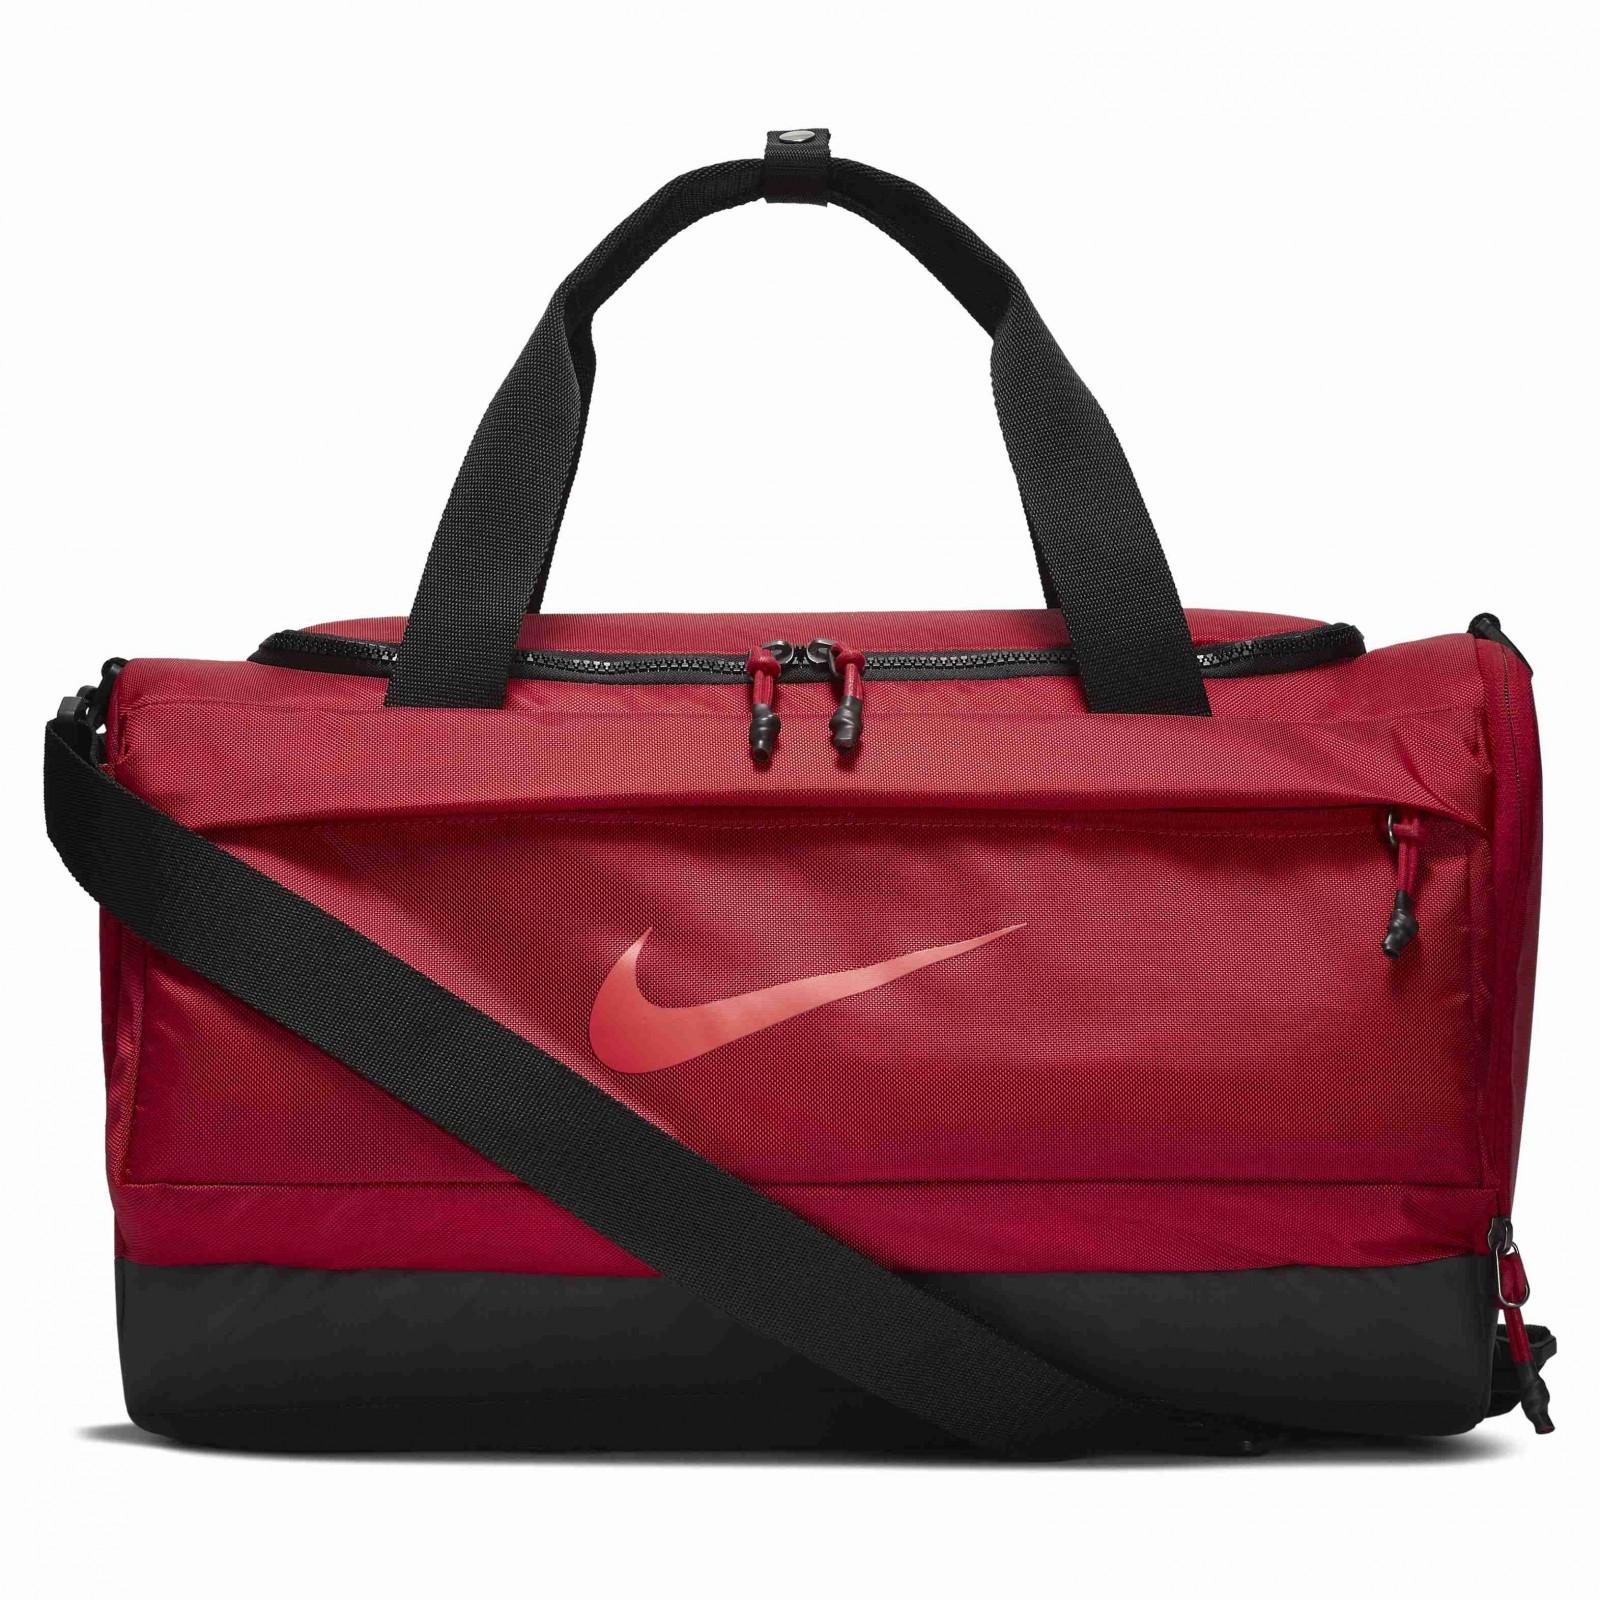 1c911da08f Nike Y nk vpr sprint duff GYM RED BLACK LT CRIMSON - Glami.sk